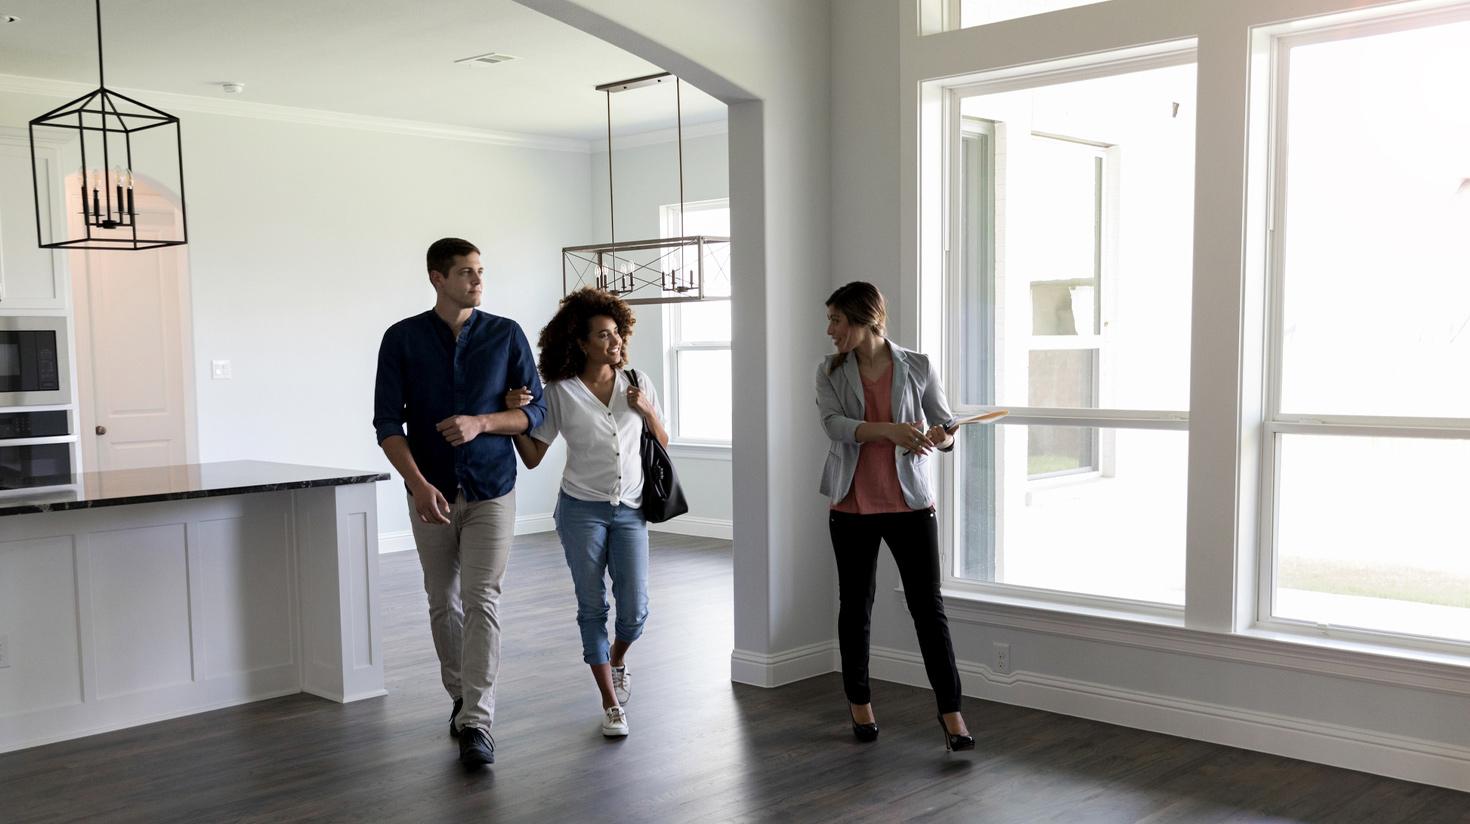 7 équipements indispensables à prévoir pour un logement complet